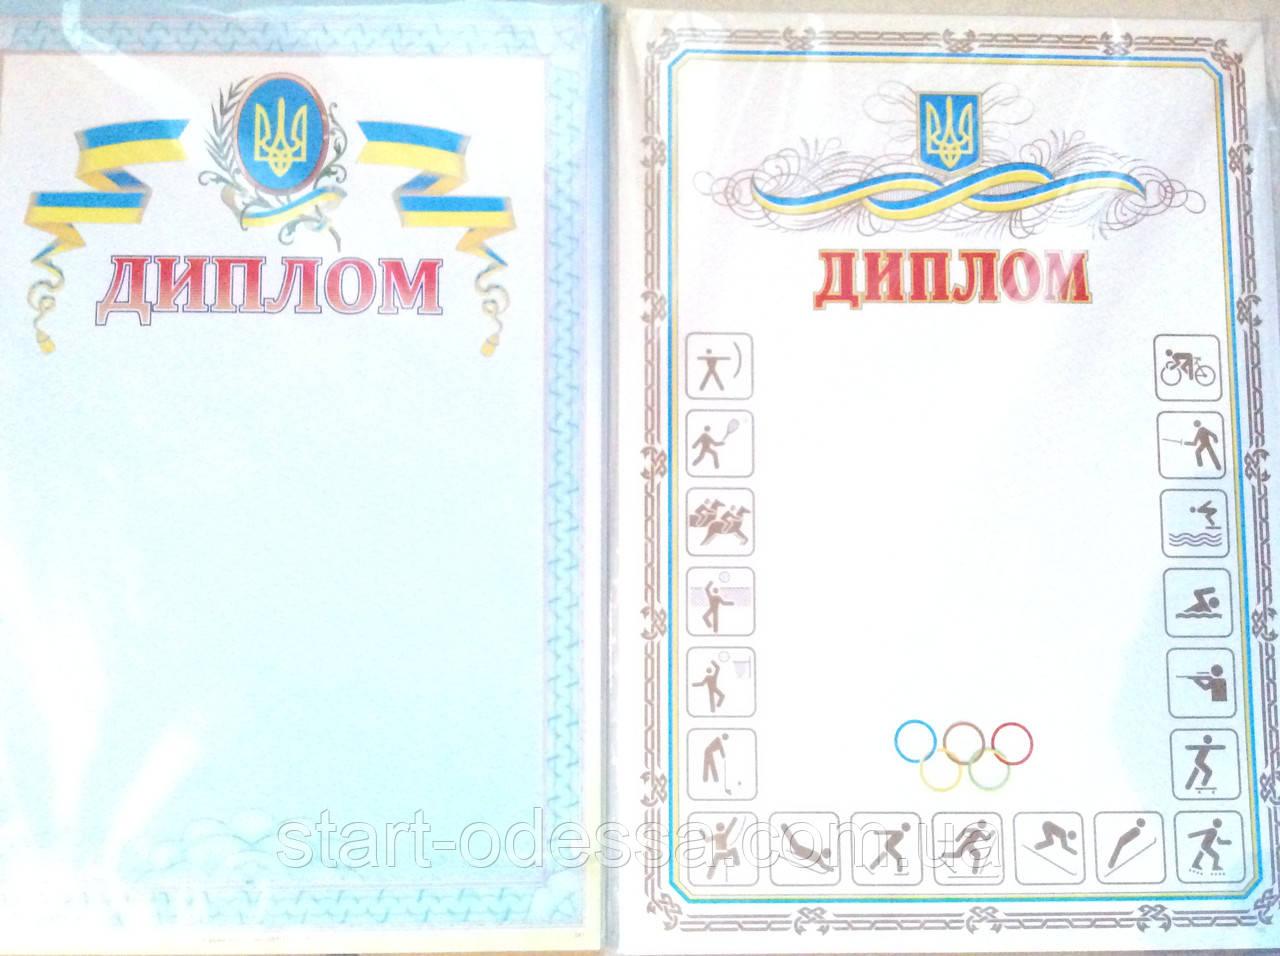 Диплом с гербом и флагом Украины цена грн купить в Одессе  Диплом с гербом и флагом Украины интернет магазин спортивных товаров активные игровые виды